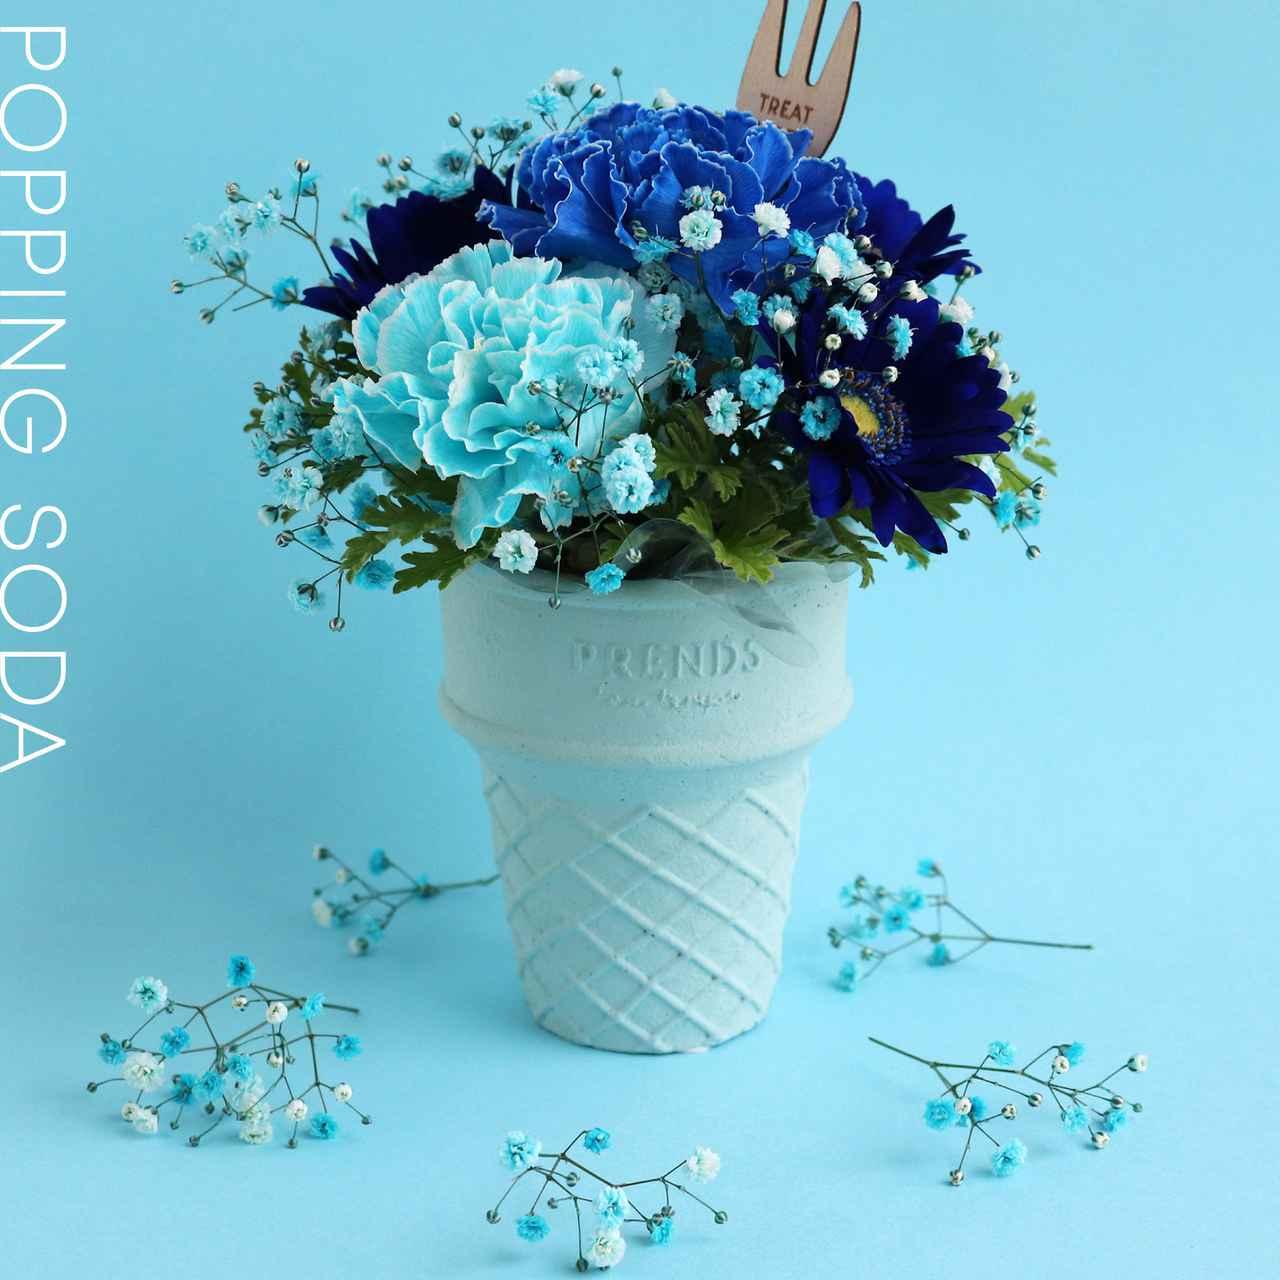 画像4: 大切な人へ贈るお花スイーツ この夏はカラフルな「ICECREAM BOUQUET」をあの人へ